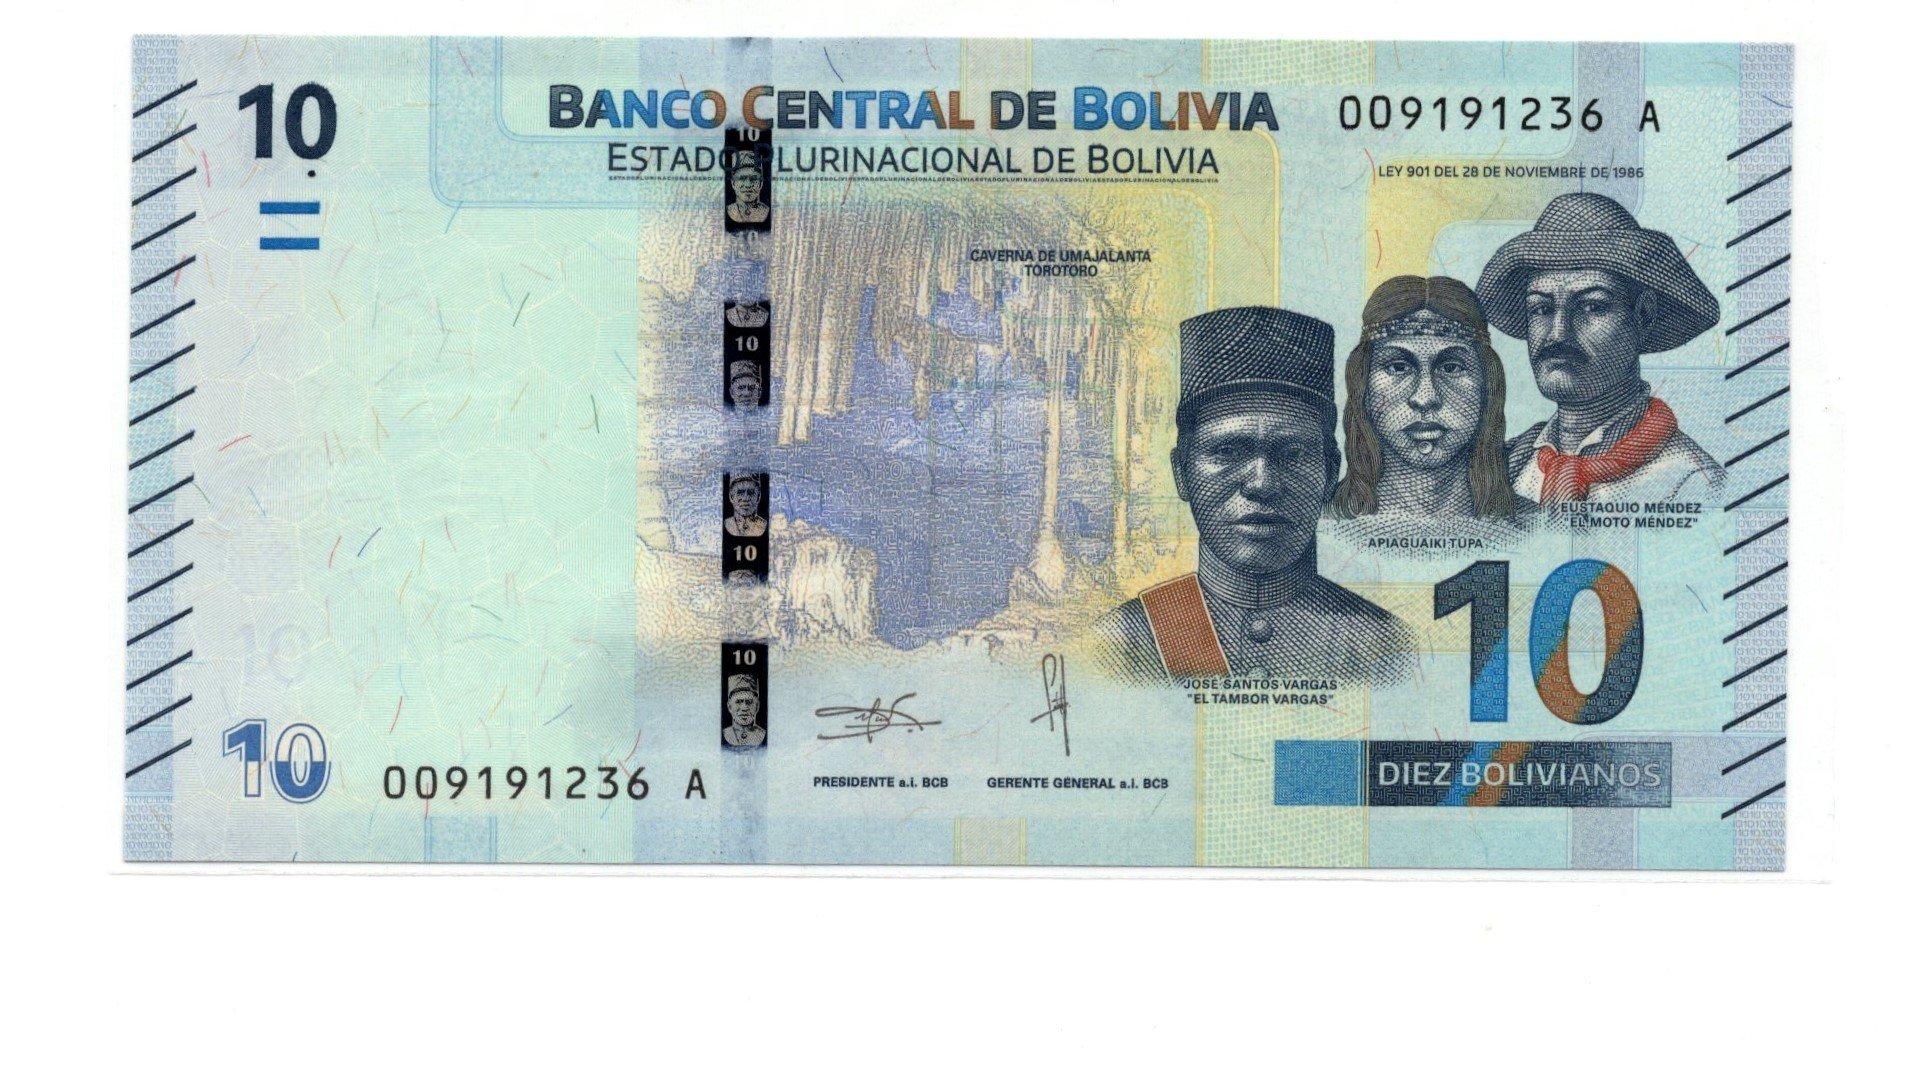 Bolivia 10 bolivanos